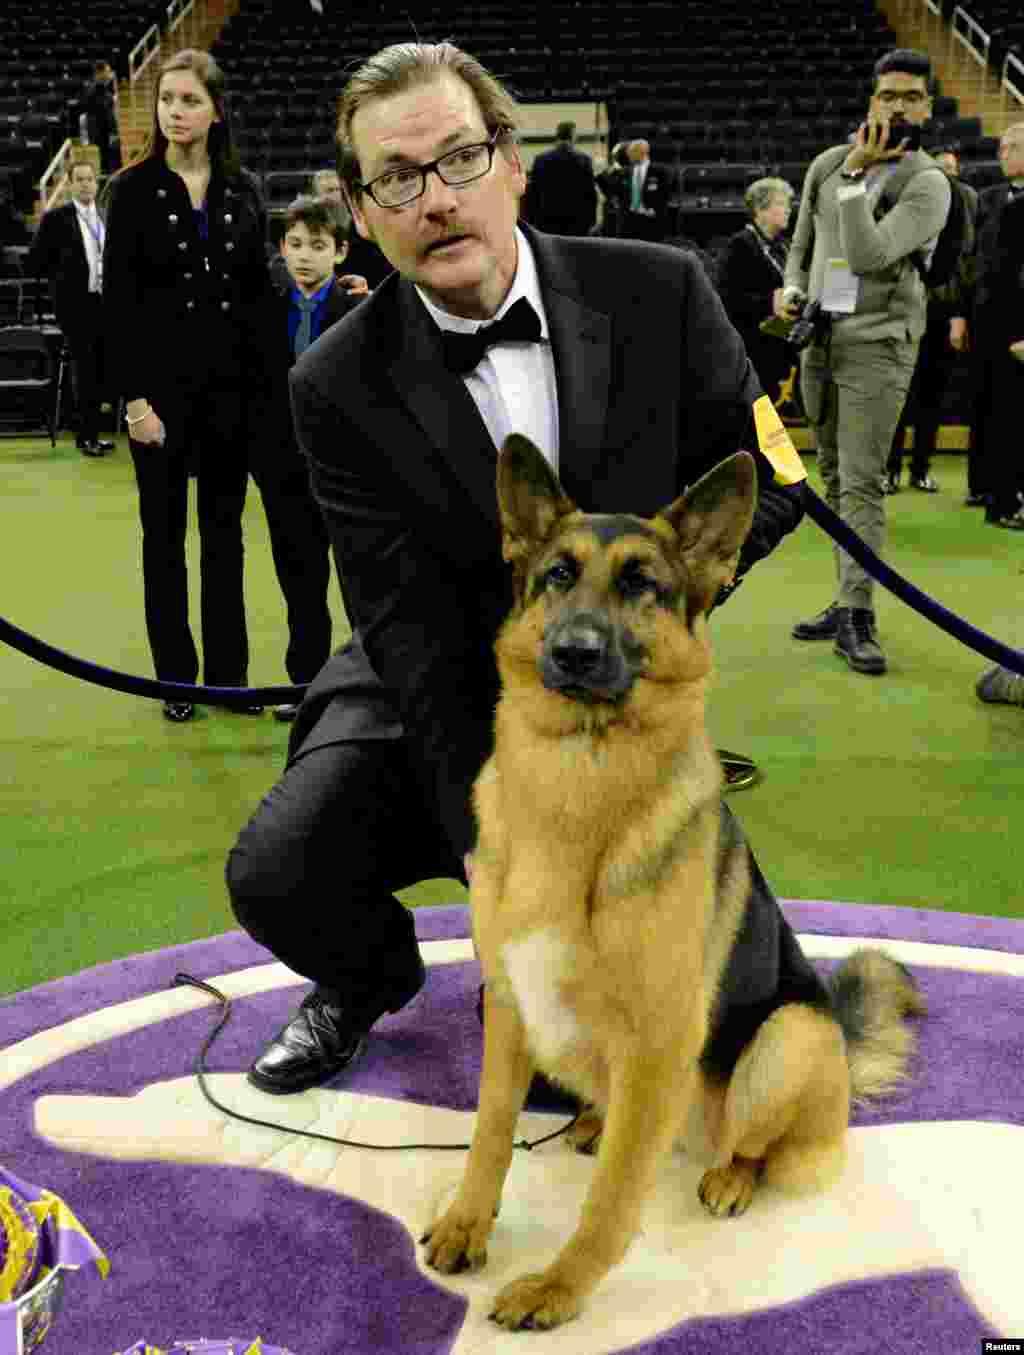 """""""رومر"""" , سگ نژاد ژرمن شپرد برنده چهل و یکمین نمایش سگ وستمینستر کنل کلاب در شهر نیویورک شد."""